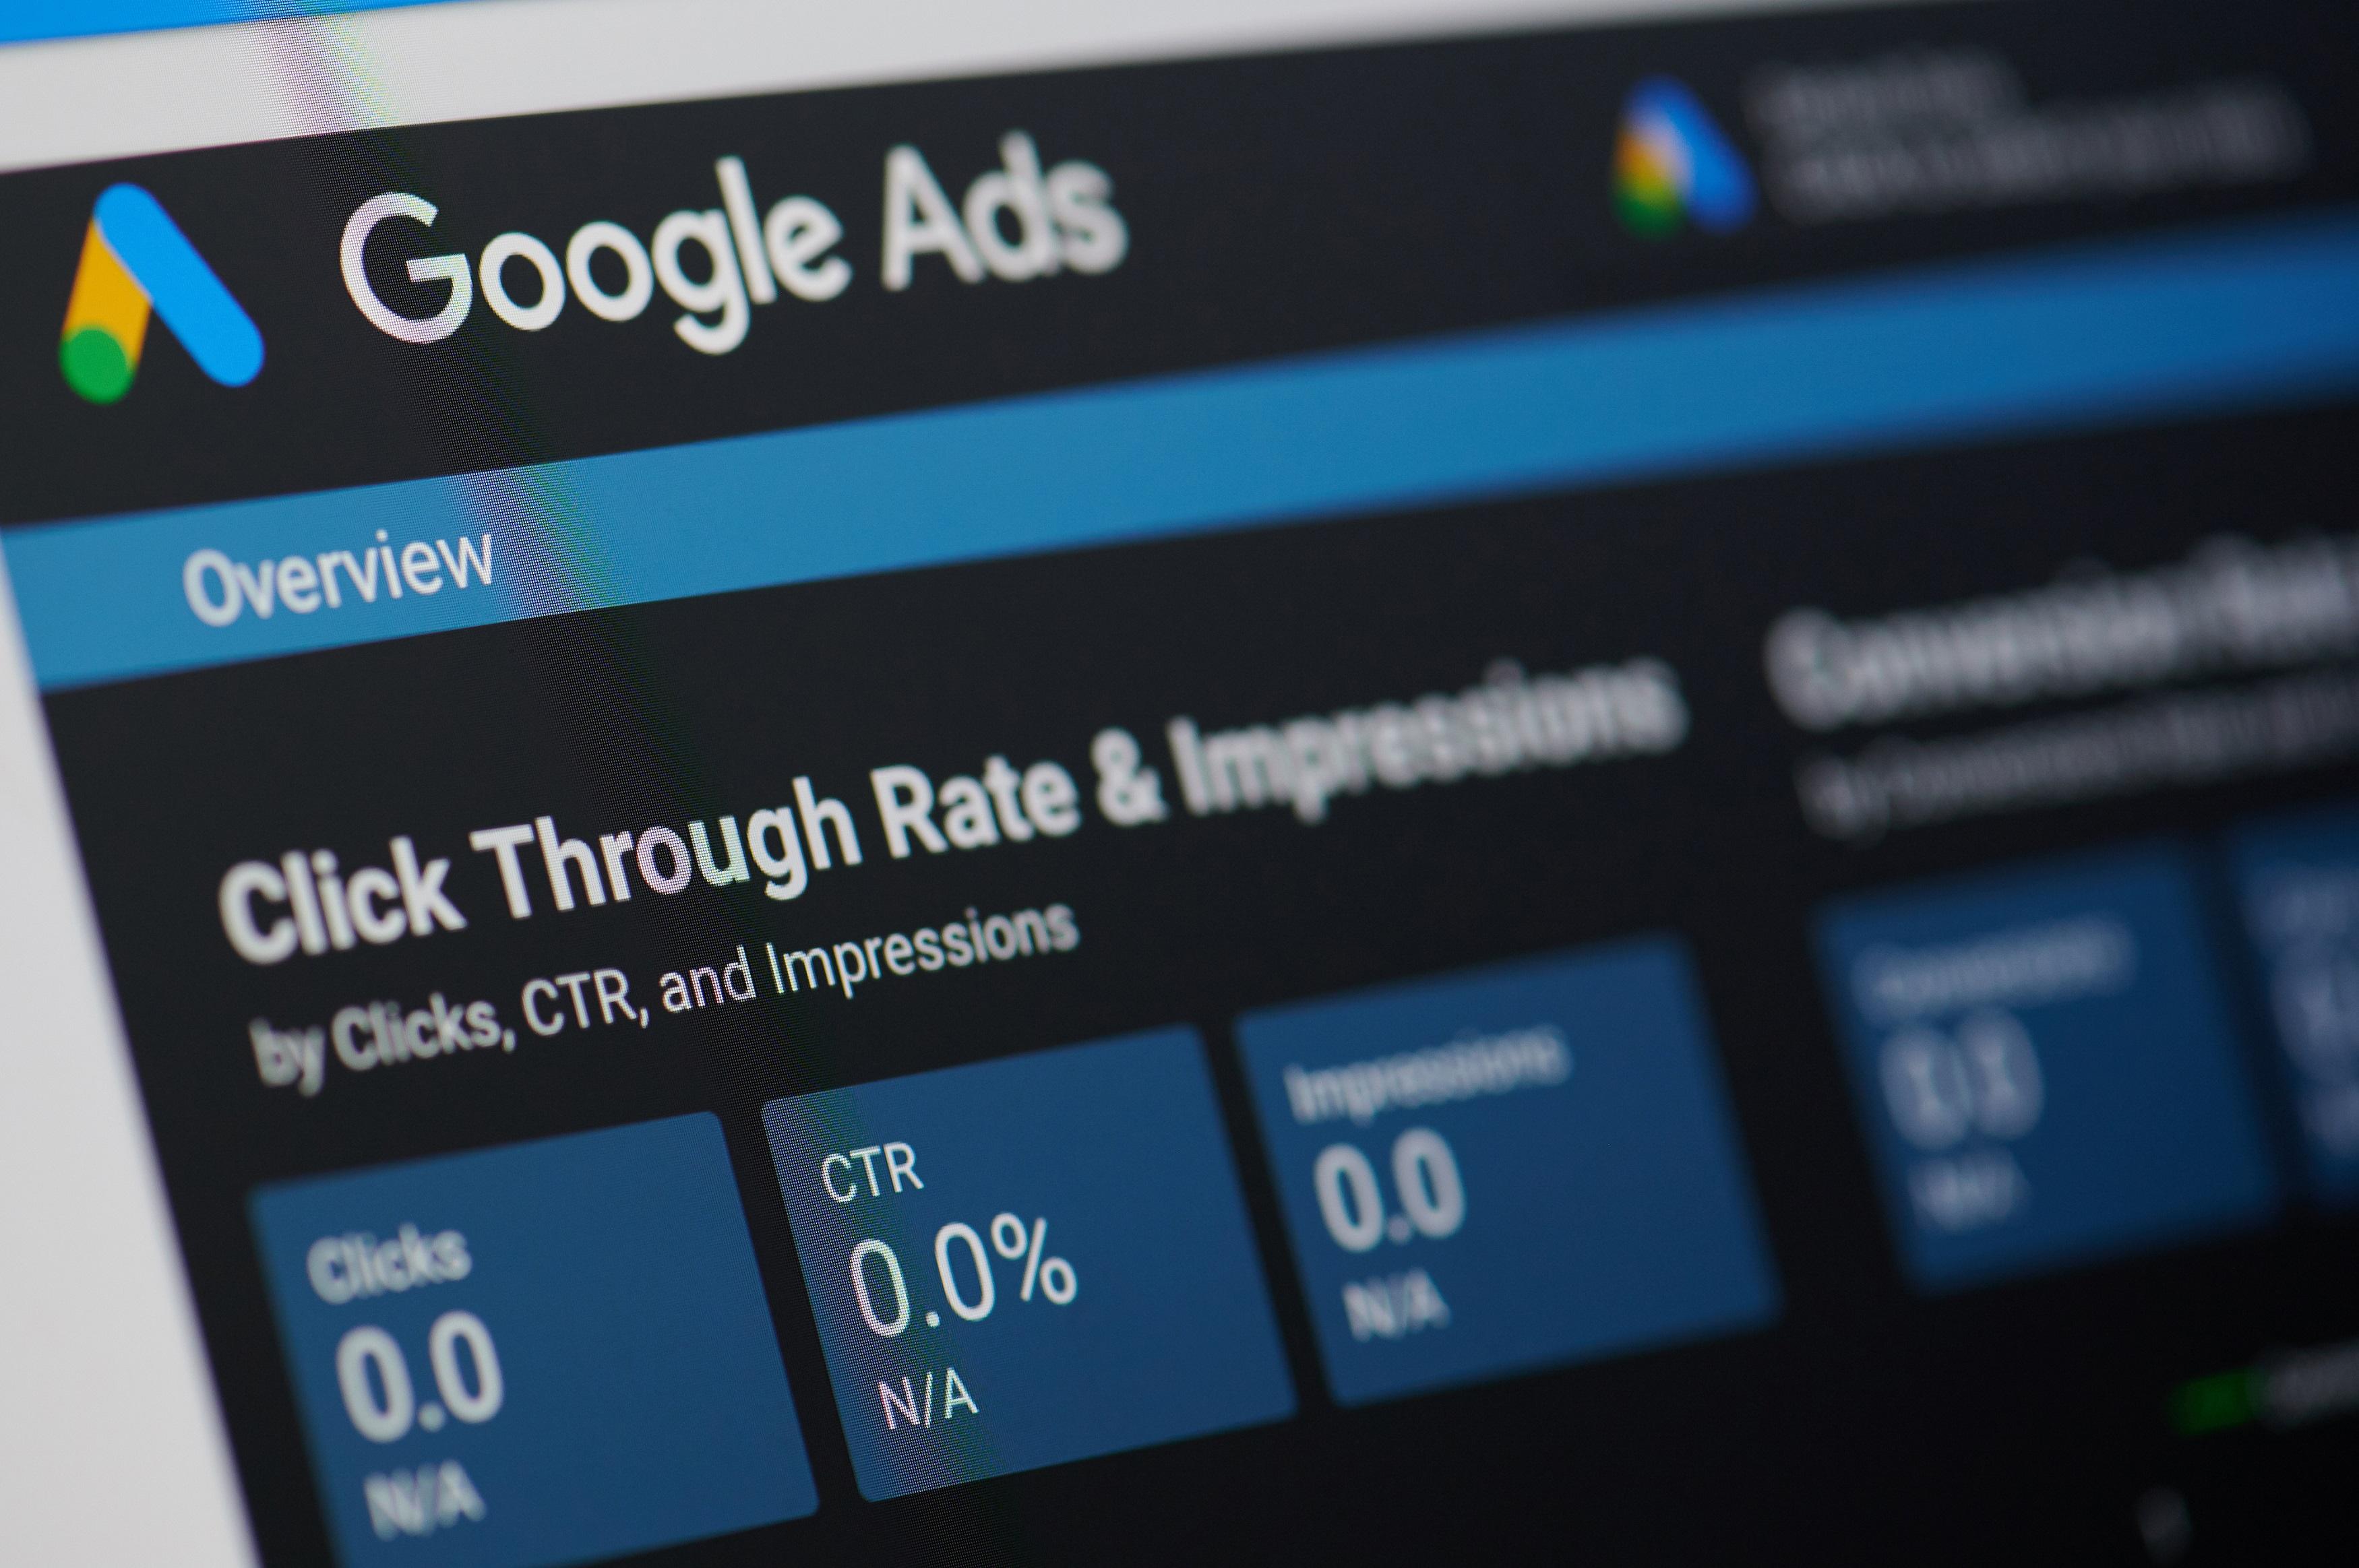 Googleの閲覧データ(クッキー)提供取りやめによるターゲティング広告への影響と対策とは?のサムネイル